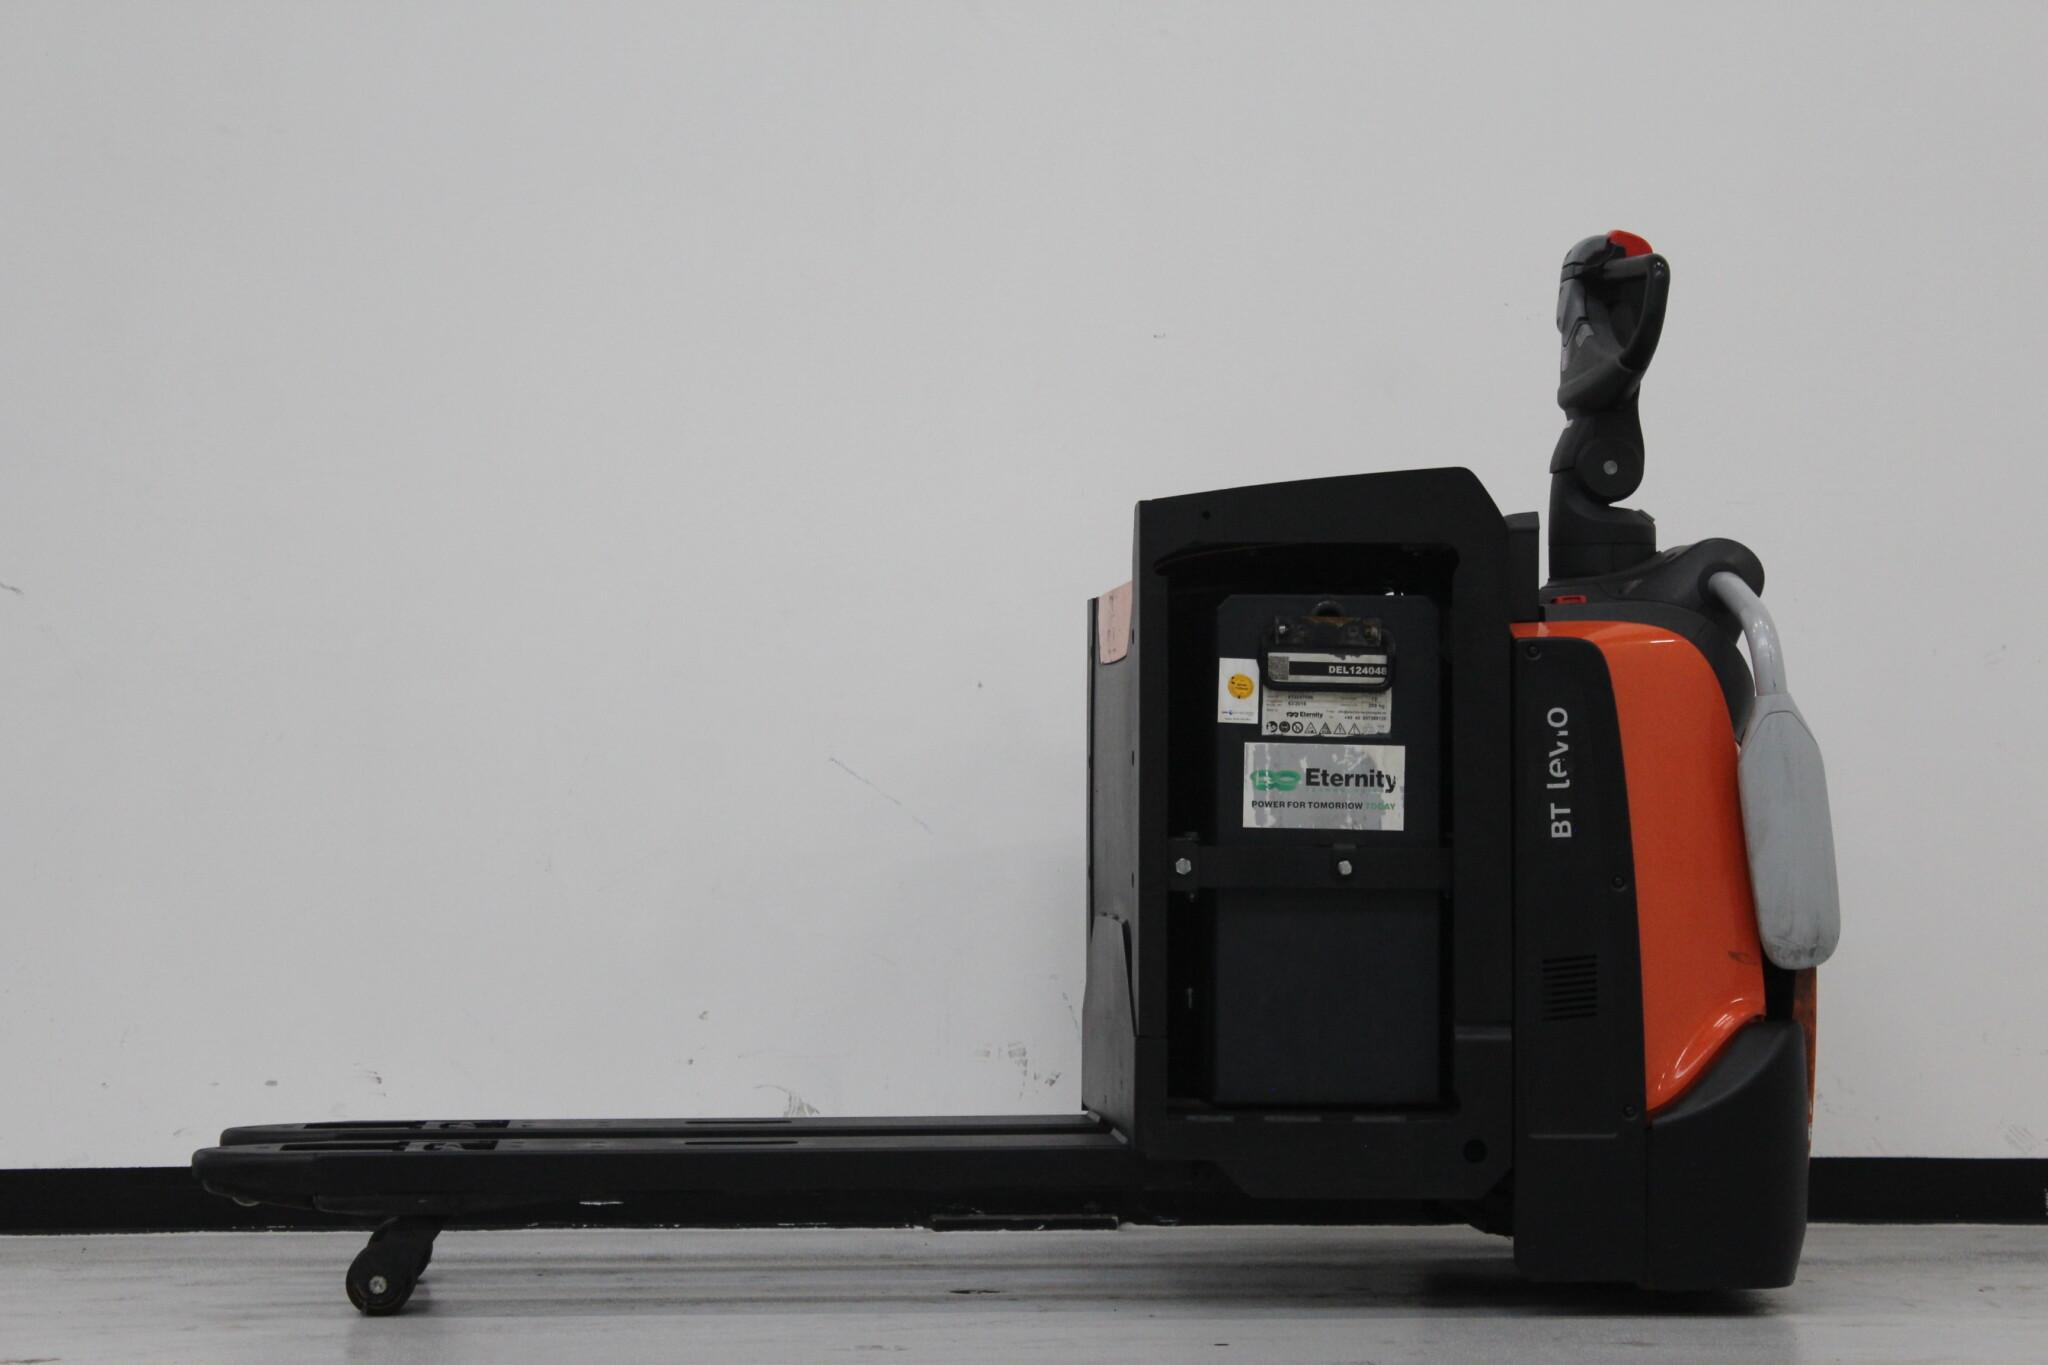 Toyota-Gabelstapler-59840 1605014561 1 scaled